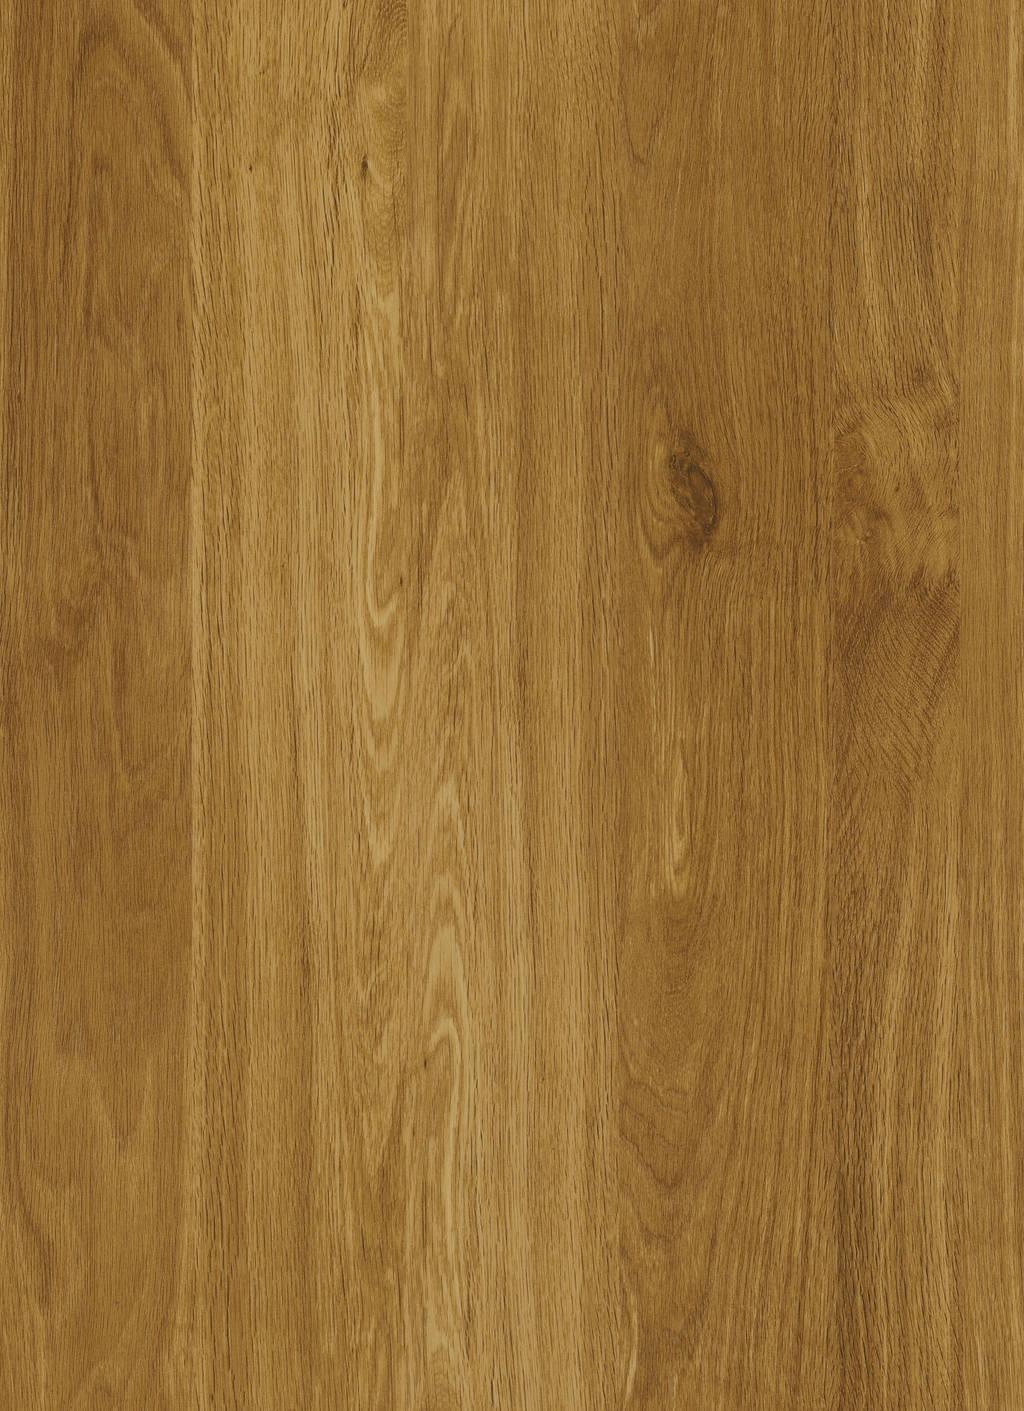 JOKA / INKU Design 2820 Vinylboden / Designboden (Natural Oak)